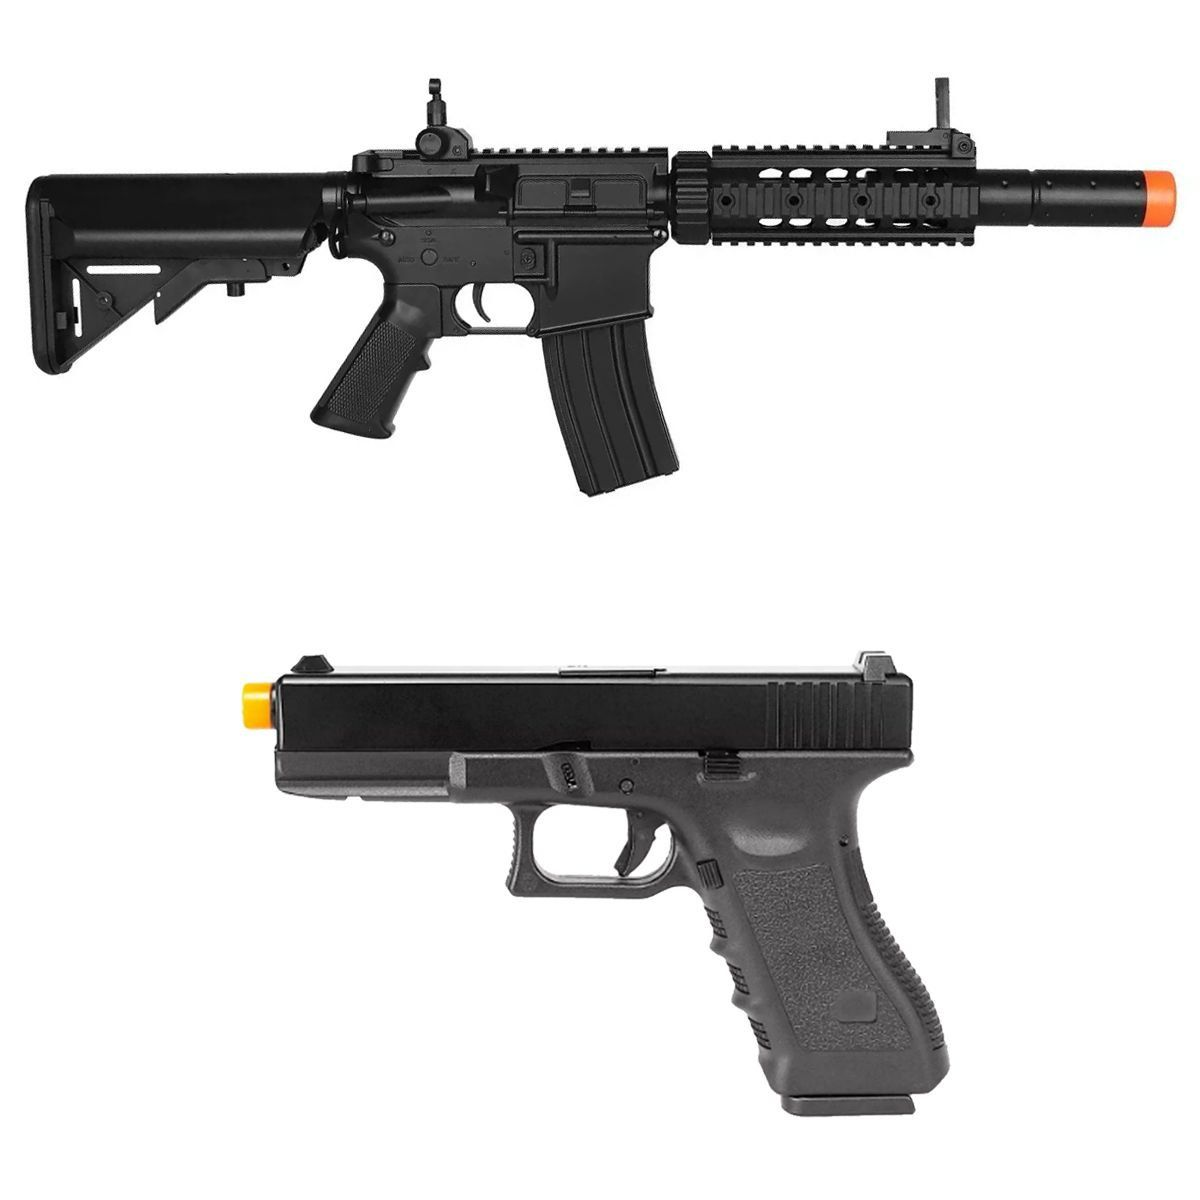 Rifle Elétrico Airsoft Cyma M4a1 Cm513 + Pist Glock R17 Army